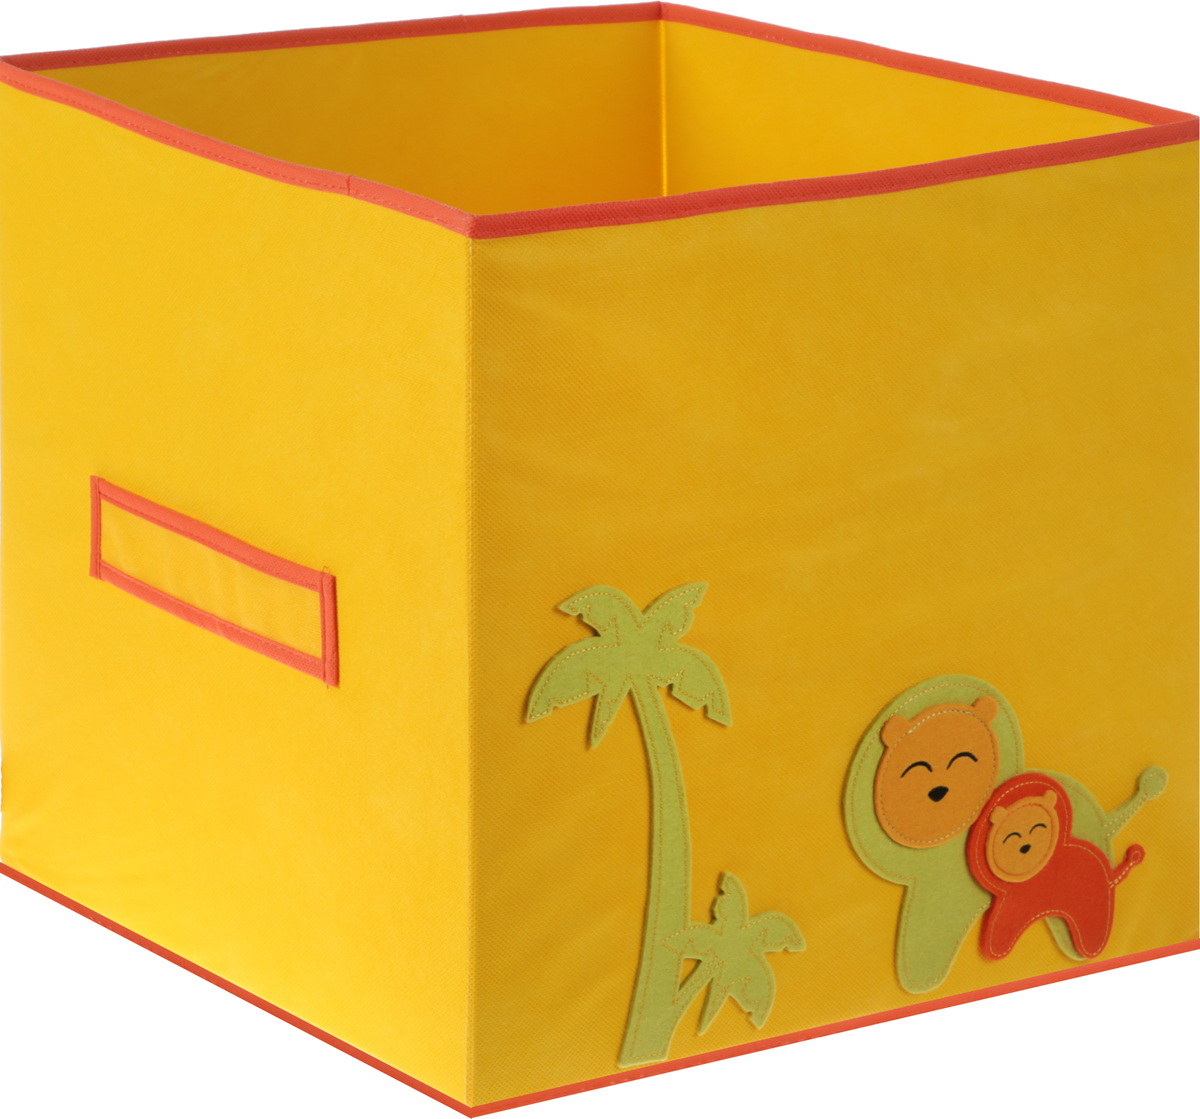 Коробка для игрушек Все на местах Sunny Jungle, цвет: желтый, оранжевый, 40 х 40 х 40 см1071032_оранжевый с рисункомКоробка для хранения игрушек Все на местах Sunny Jungle выполнена из высококачественного нетканого материала (спанбонда), который обеспечивает естественную вентиляцию, позволяя воздуху проникать внутрь, но не пропускает пыль. Вставки из ПВХ хорошо держат форму.Такая коробка легко разбирается и собирается, она поможет удобно хранить игрушки.Размер коробки: 40 см х 40 см х 40 см.